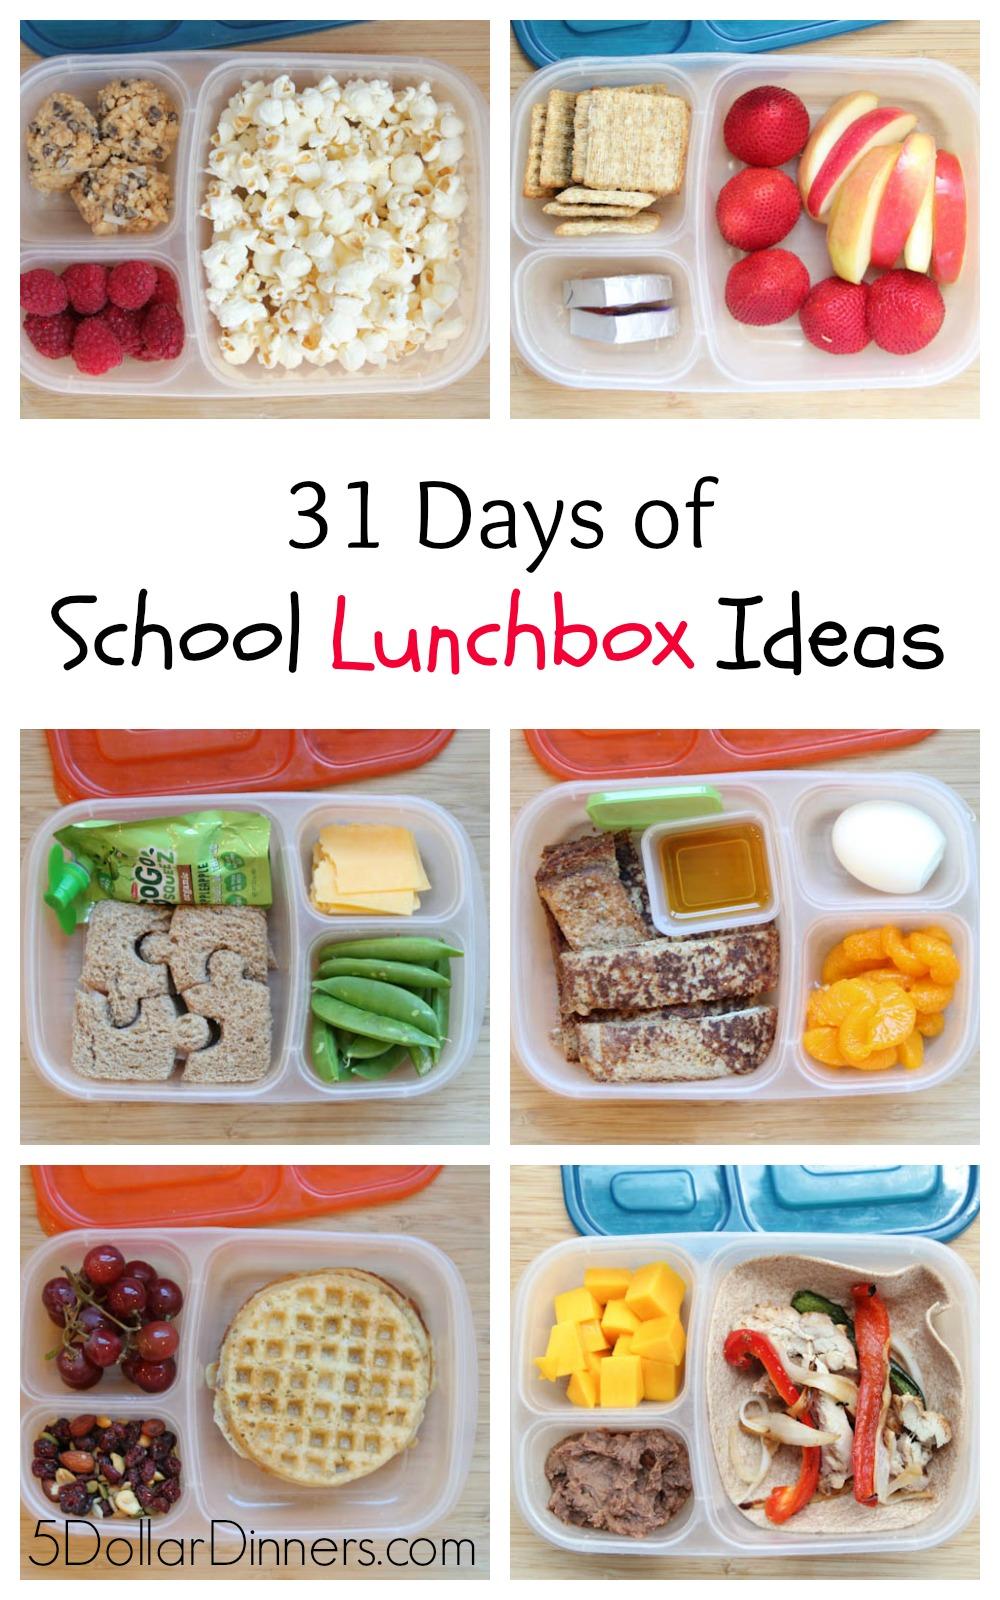 31-Days-of-School-Lunchbox-Ideas-sq.jpg